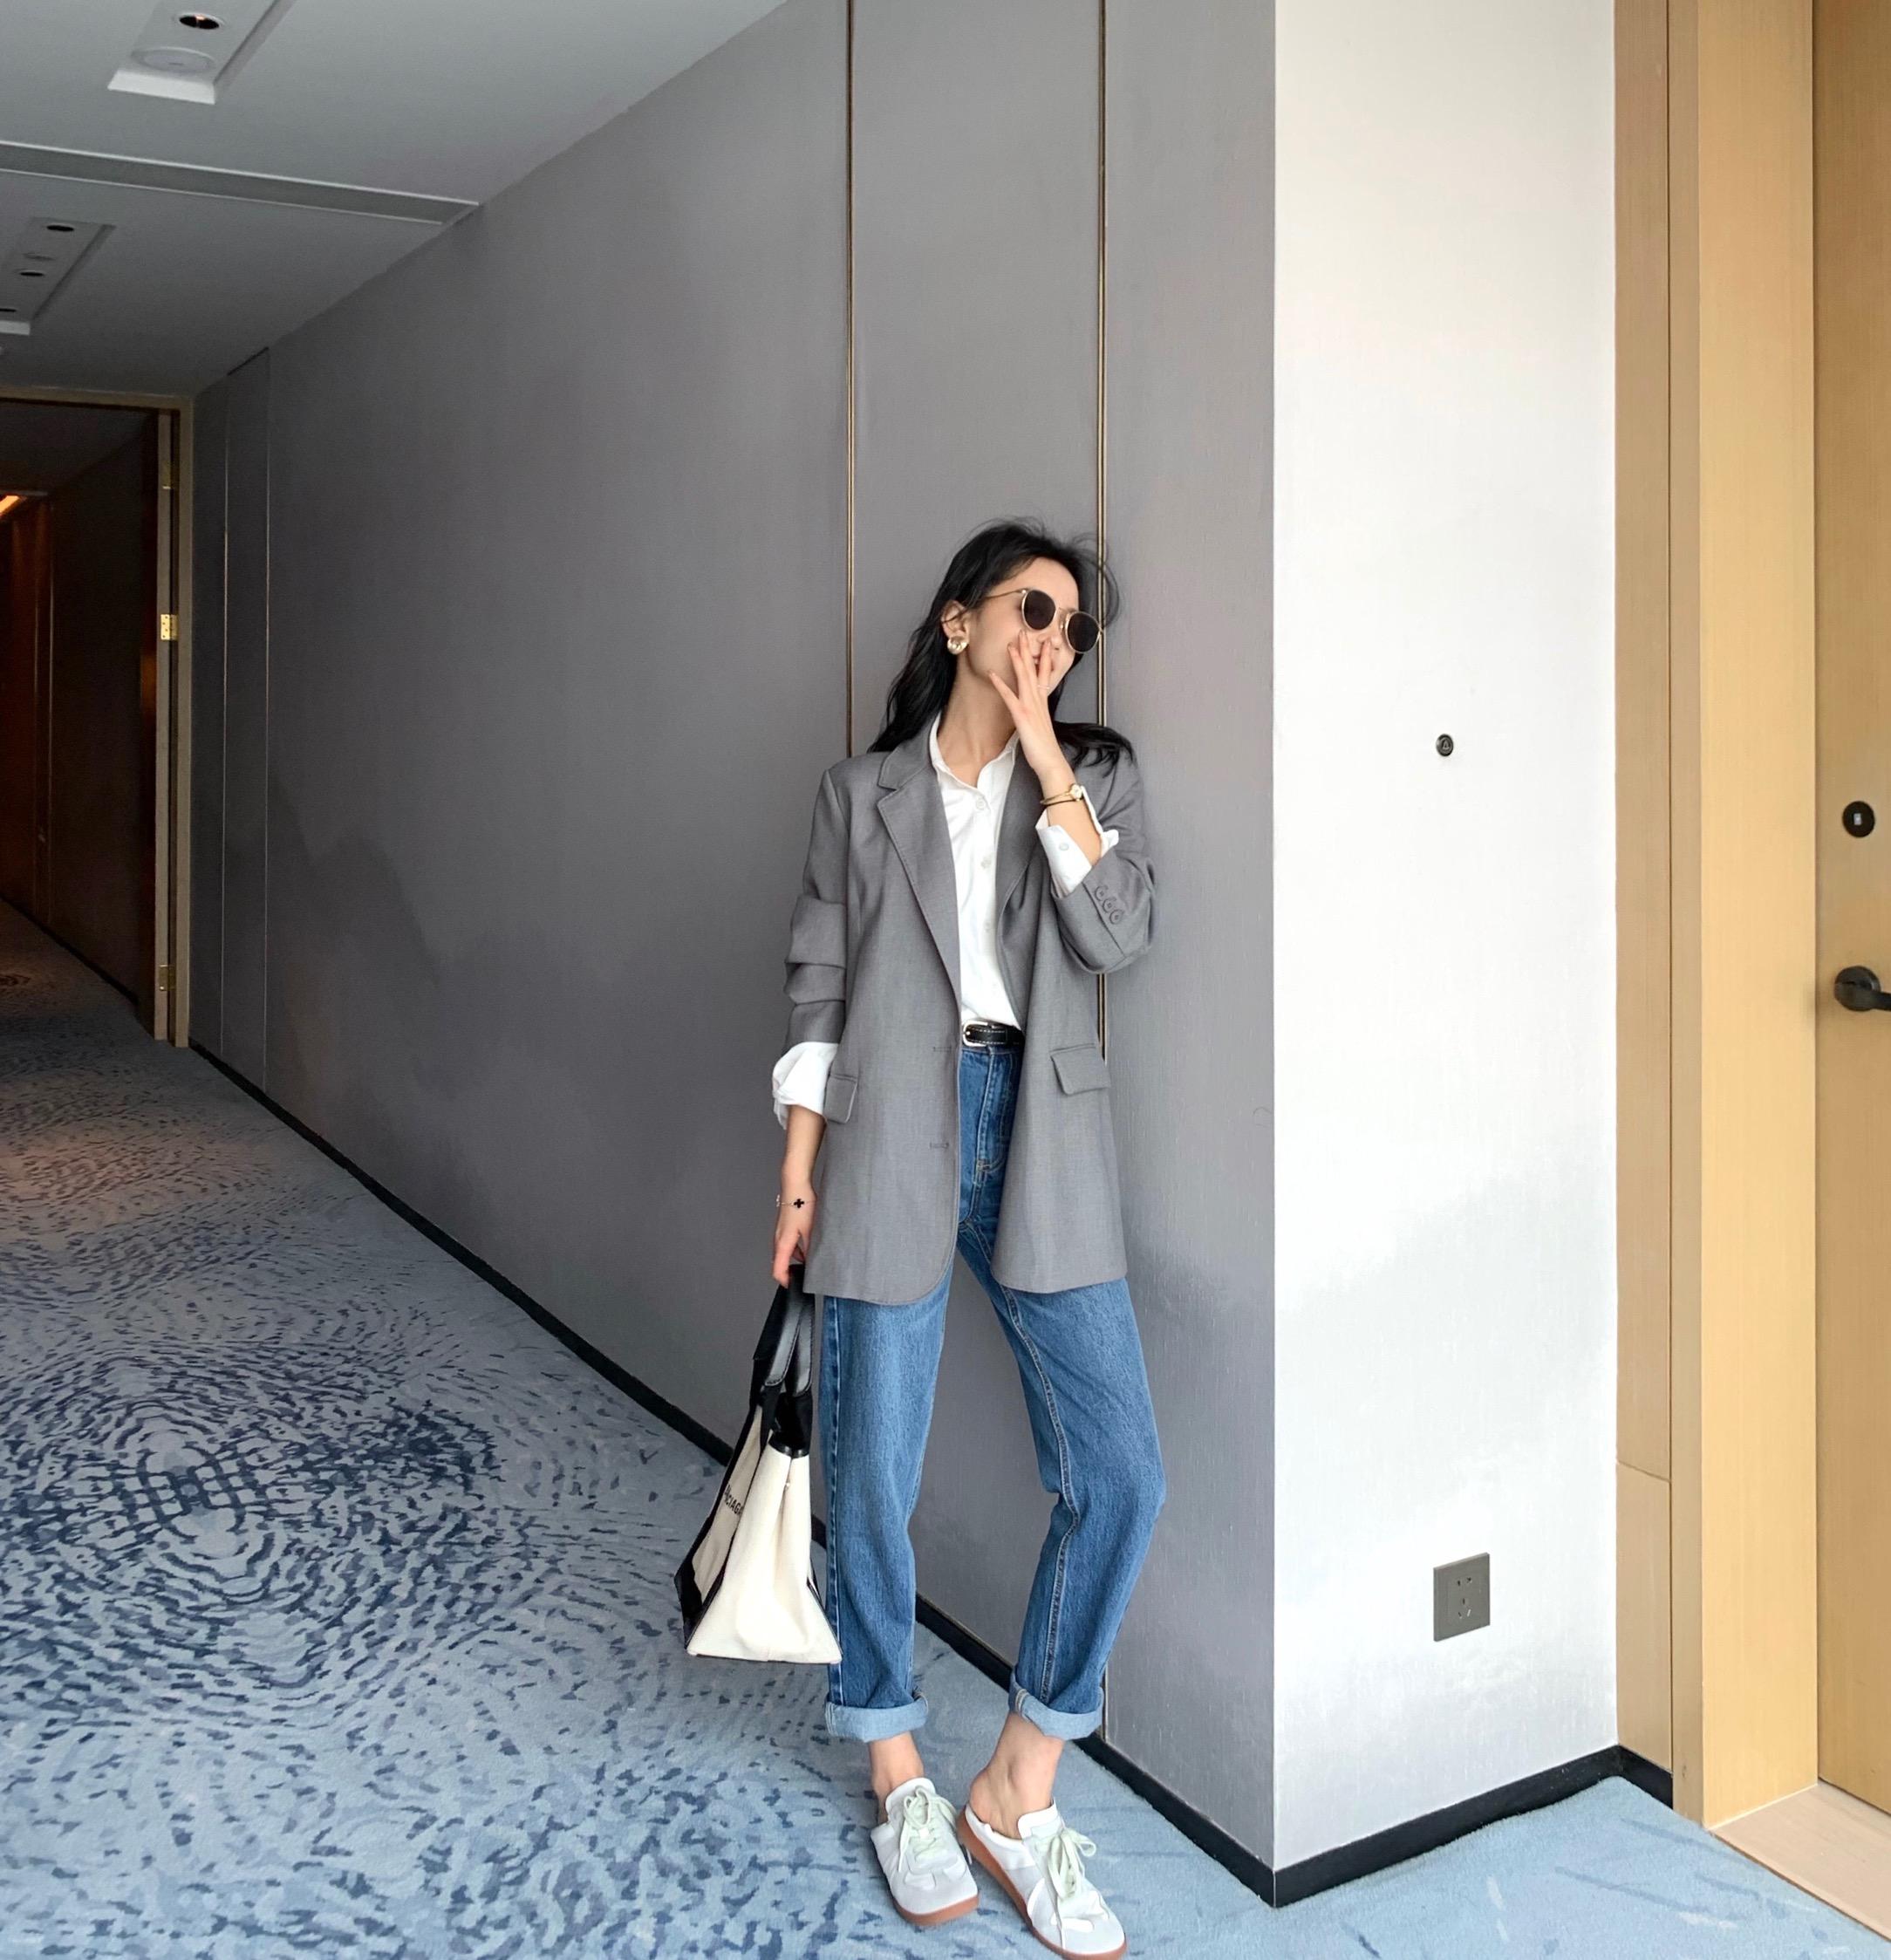 X031 显瘦西服上衣 2020 廓形西装外套女春秋休闲气质高级感 南瓜谷